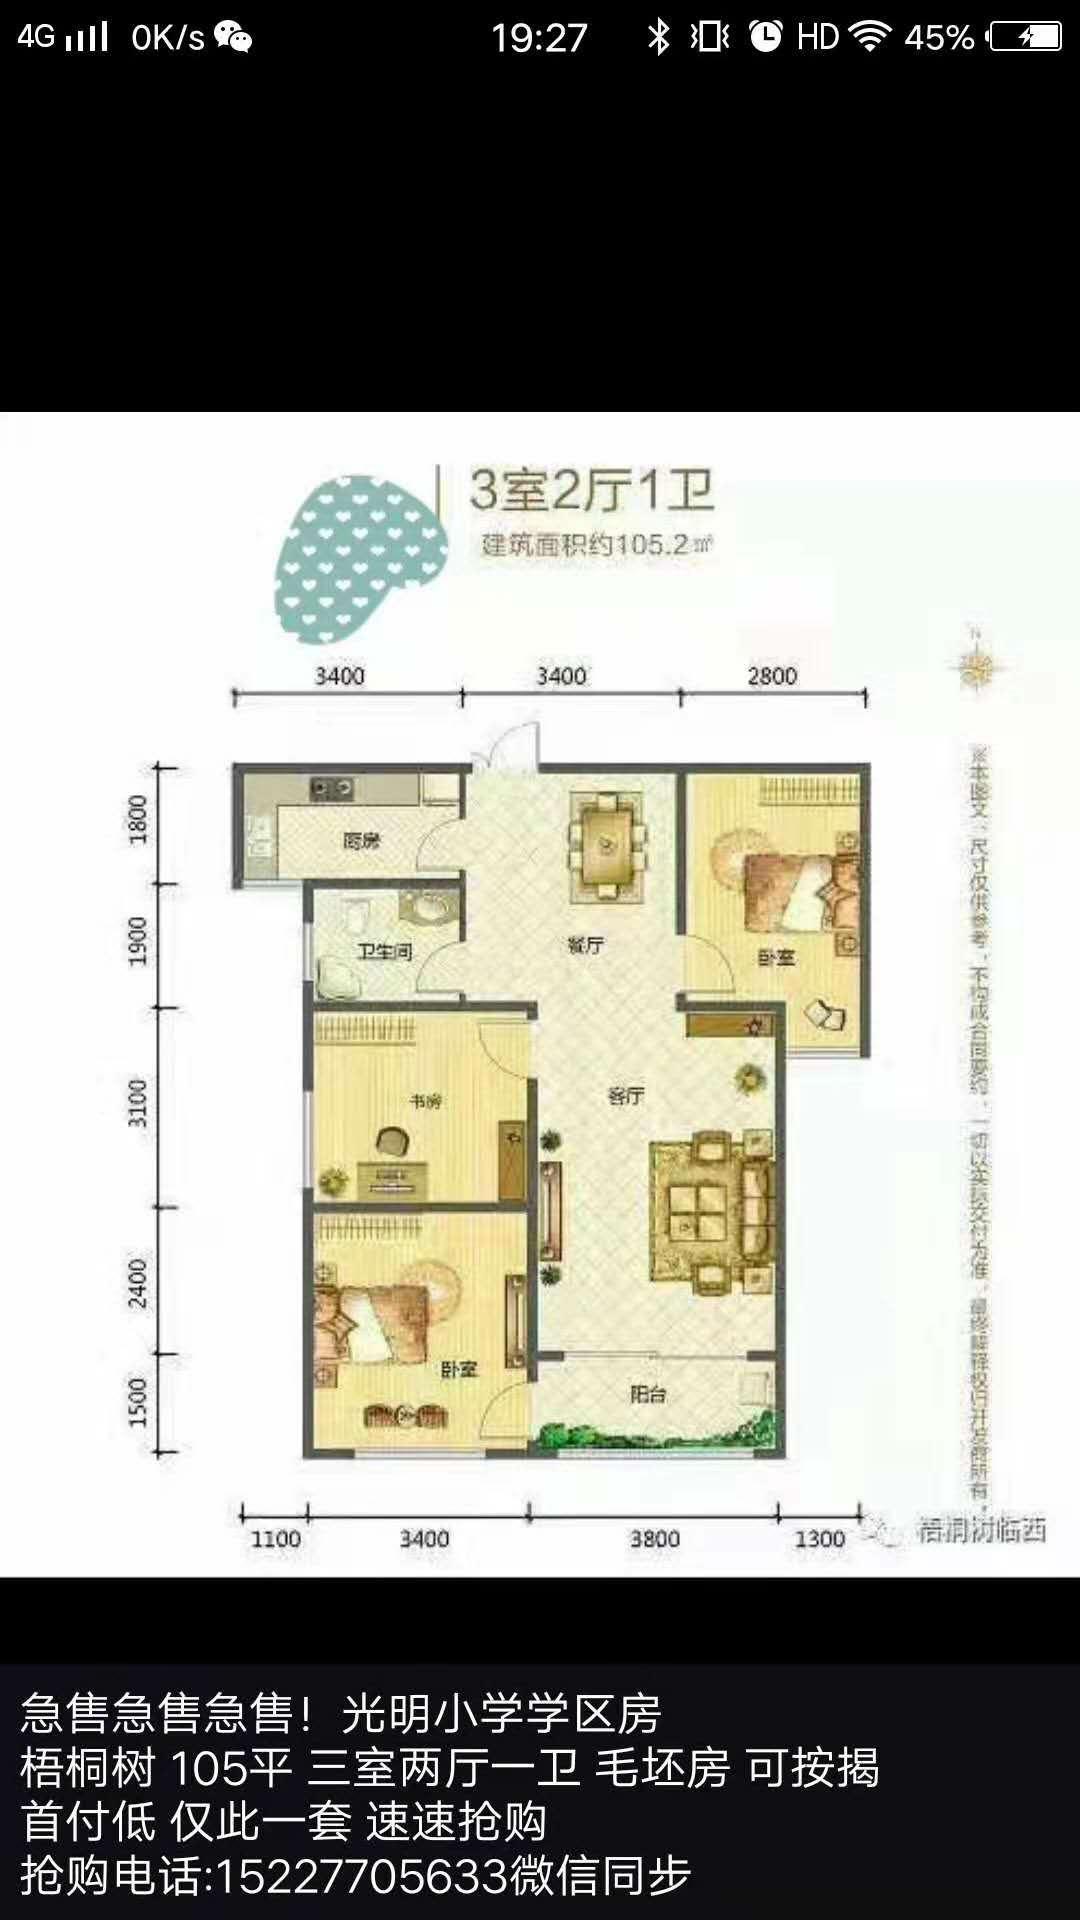 梧桐树3室 2厅 1卫50万元